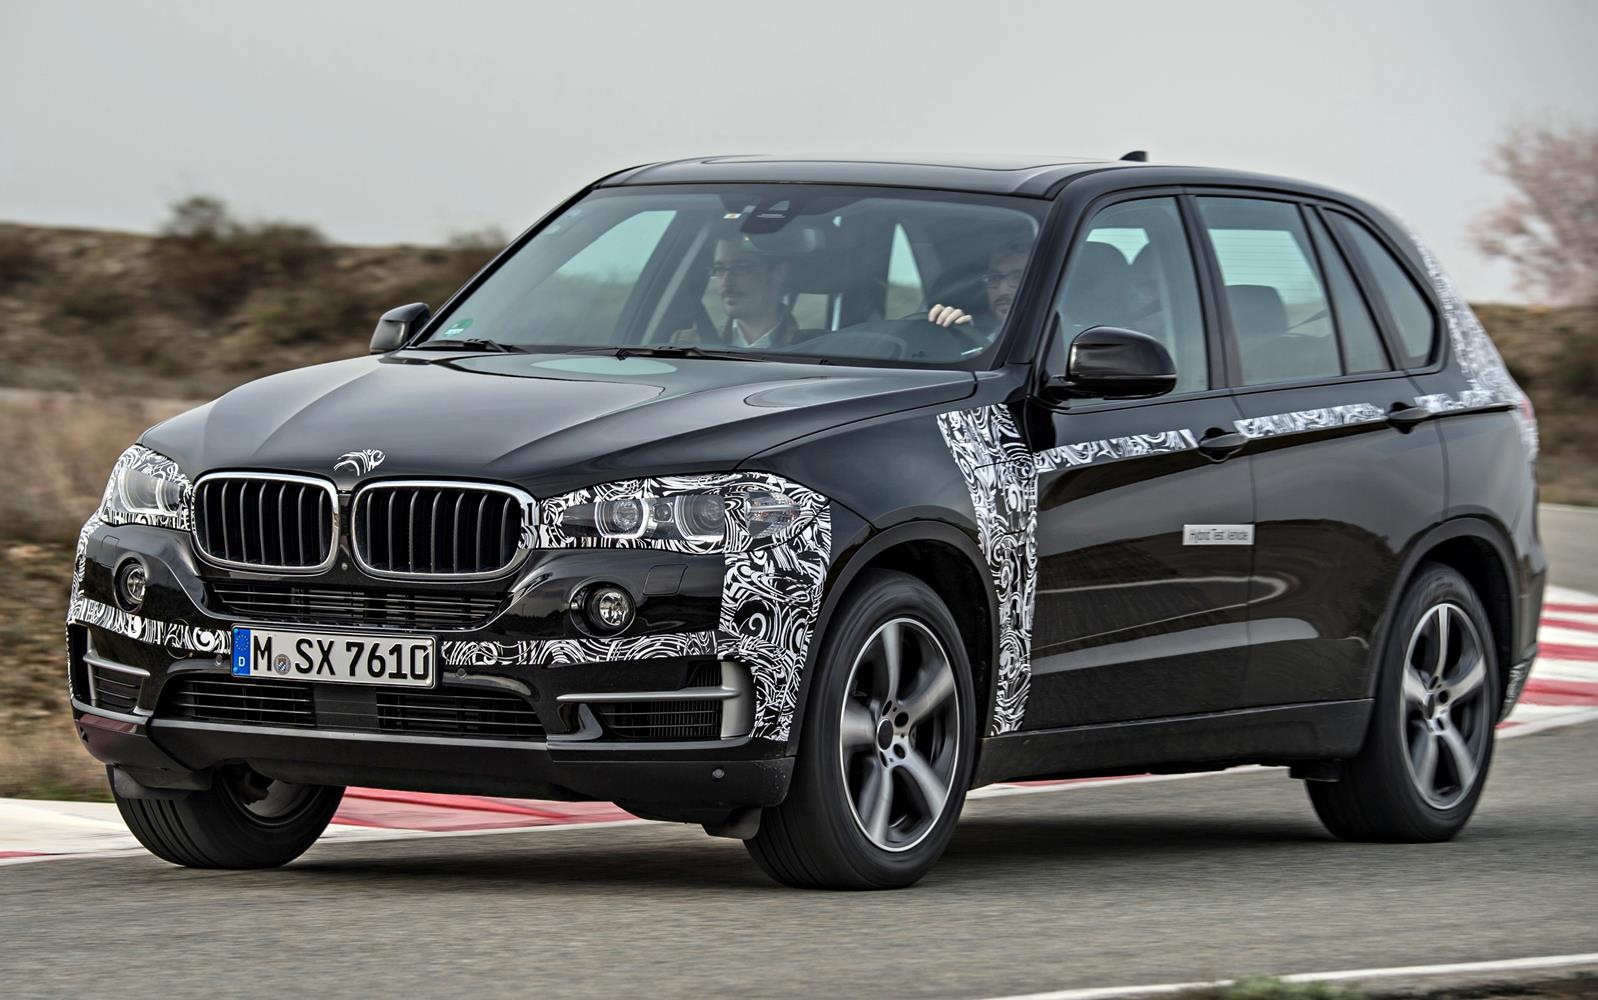 BMW X5 eDrive Prototype review